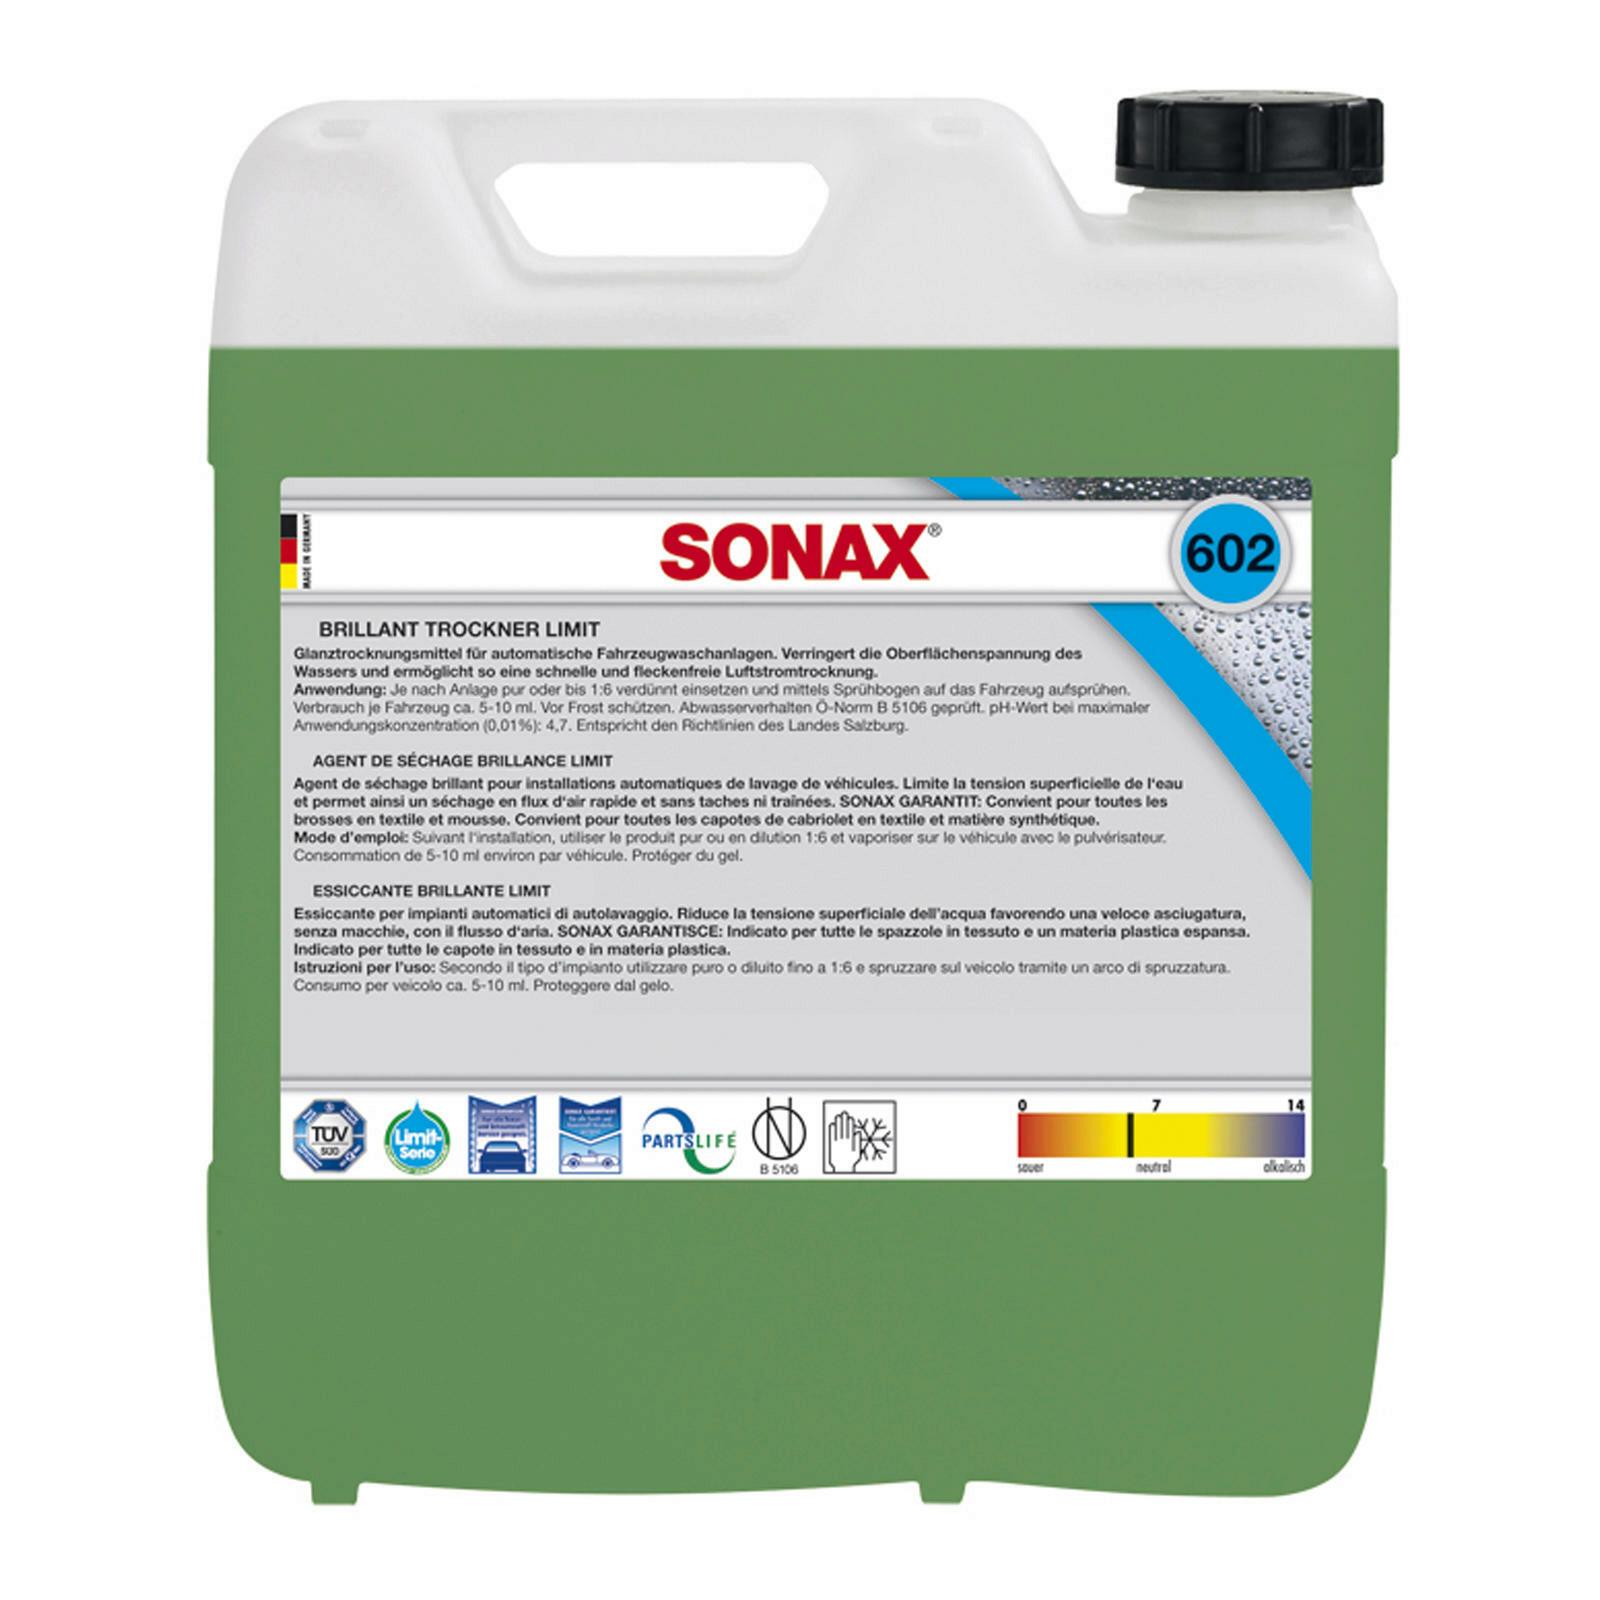 SONAX BrillantTrockner 10l